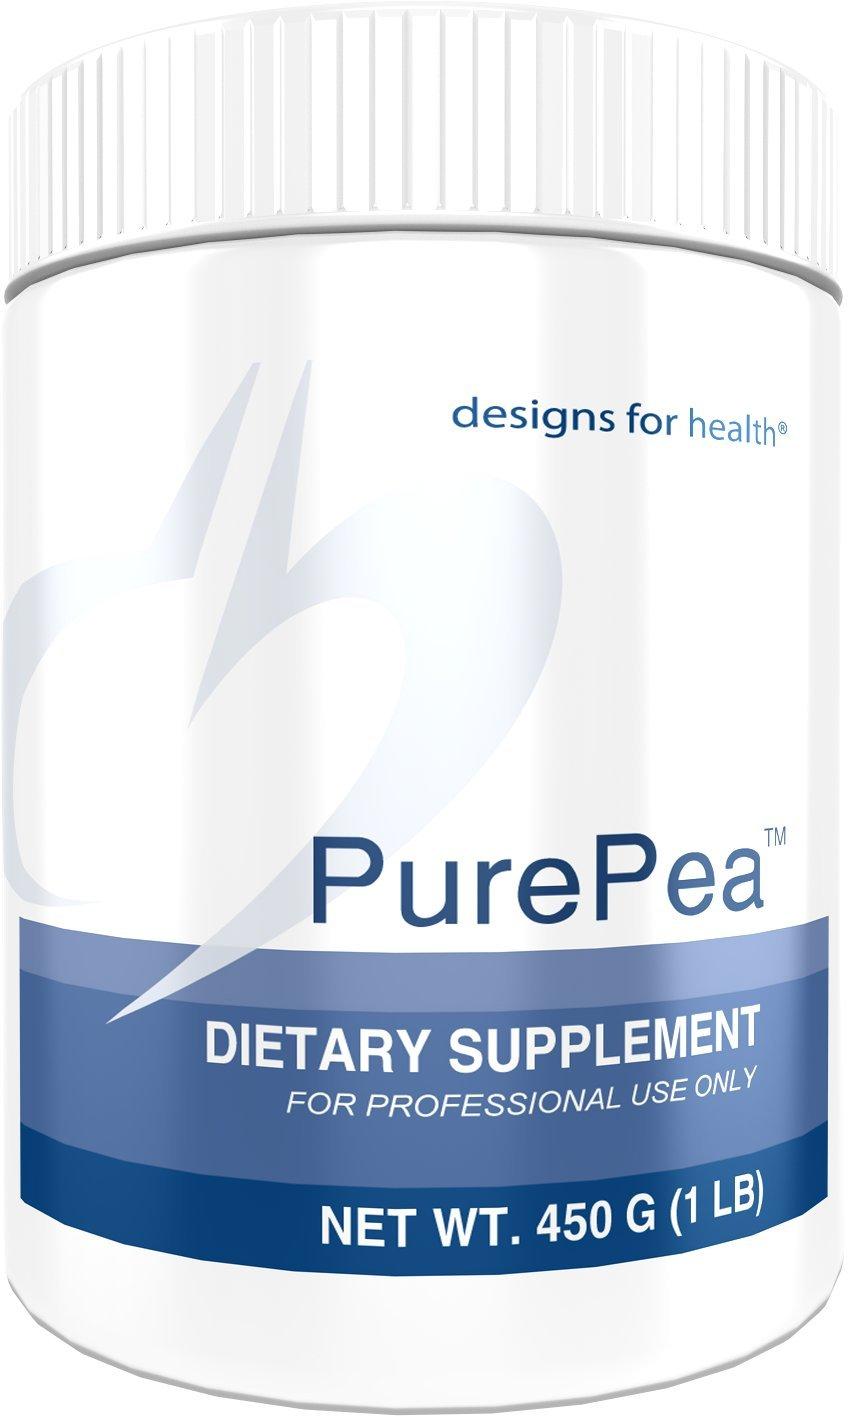 Designs for Health - PurePea Unflavored - Pea Protein Powder, Vegan + Non-GMO Peas, 1 lb